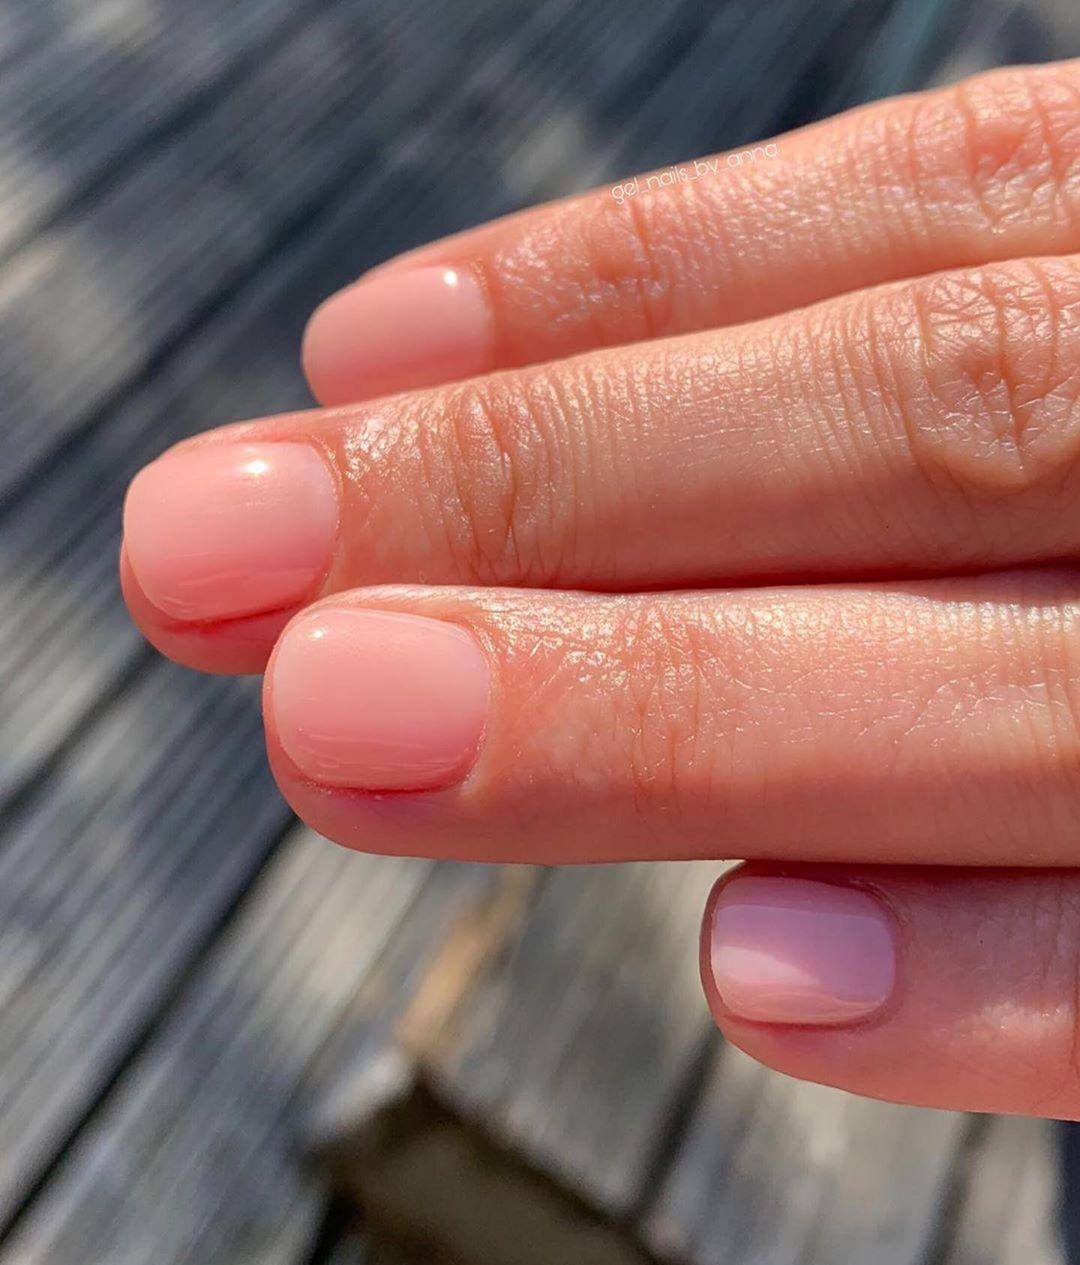 The Gelbottle Inc On Instagram Repost Gel Nails By Anna Biab Teddy Thegelbottleinc Thegelbottle Gelbot With Images Gel Nails Natural Nails Nails